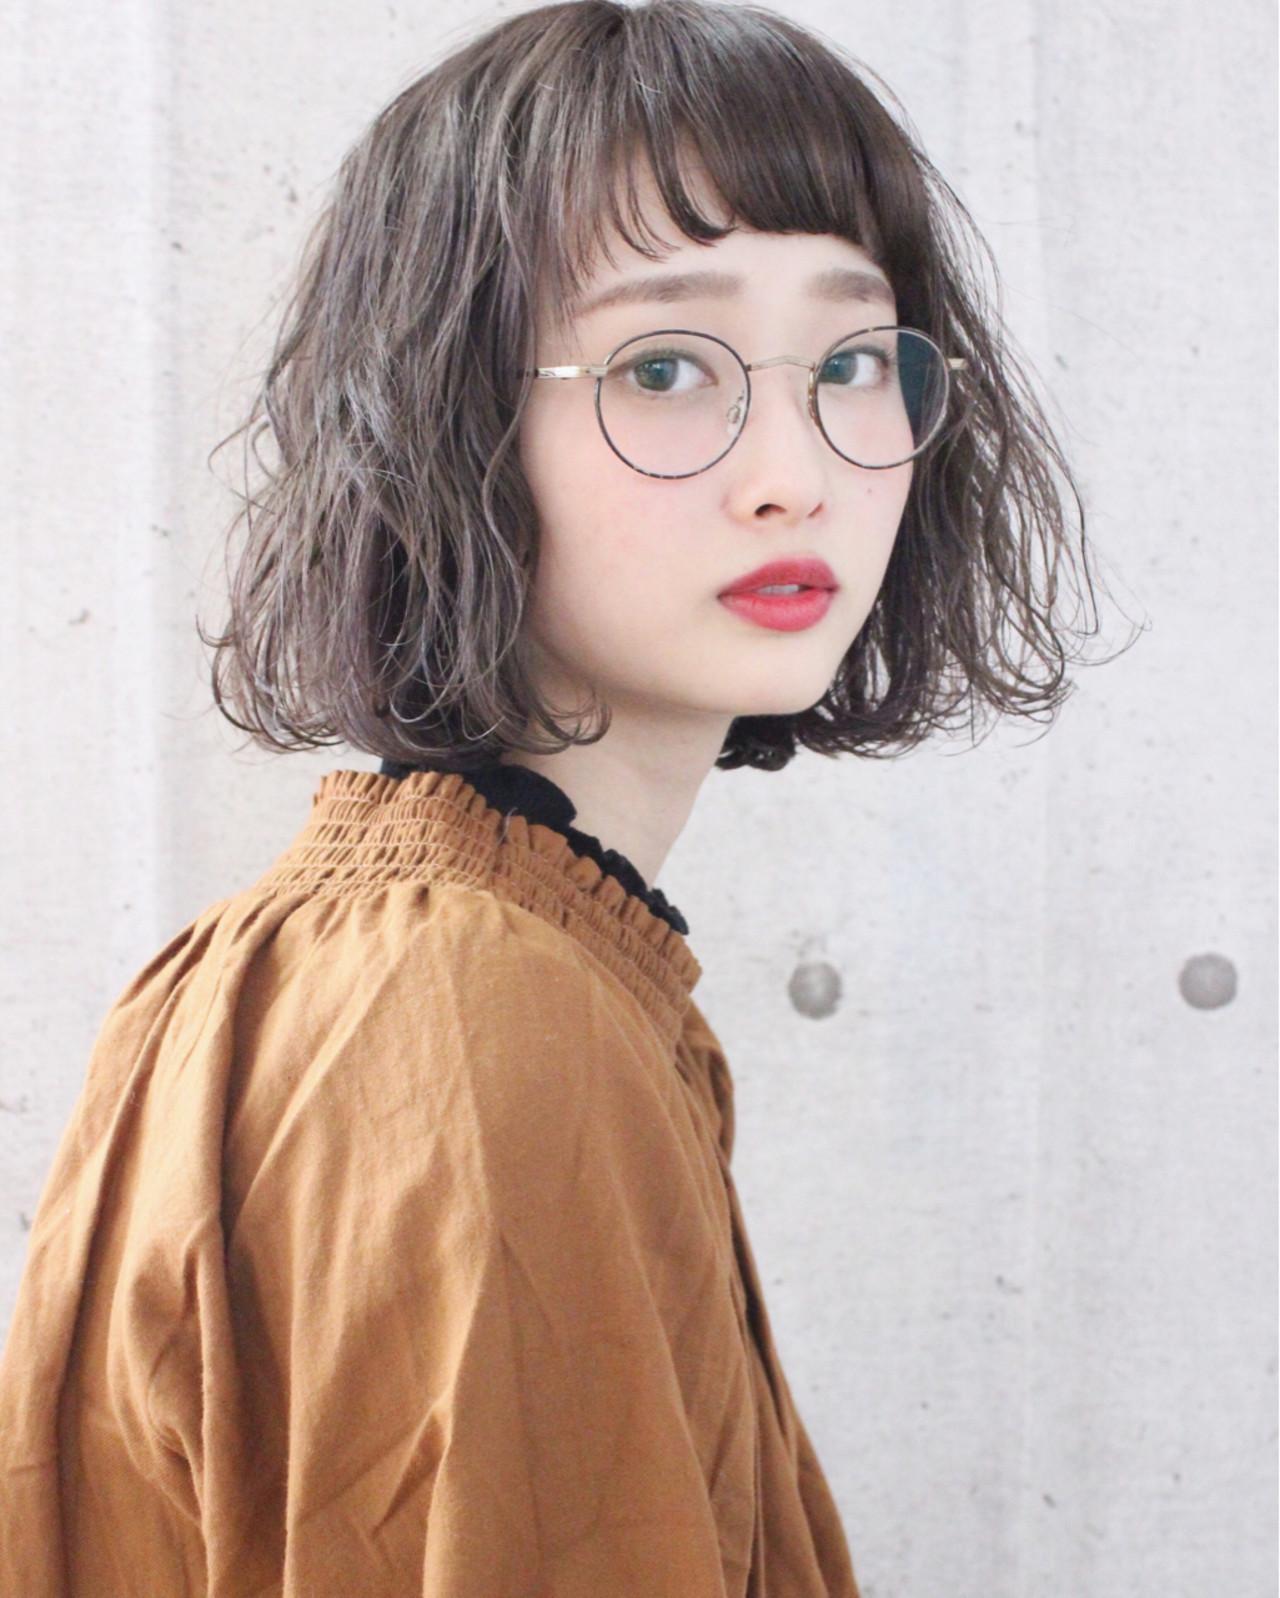 《2020年注目髪型》くせ毛で楽しむ!ボブヘアカタログ特集♡の18枚目の画像